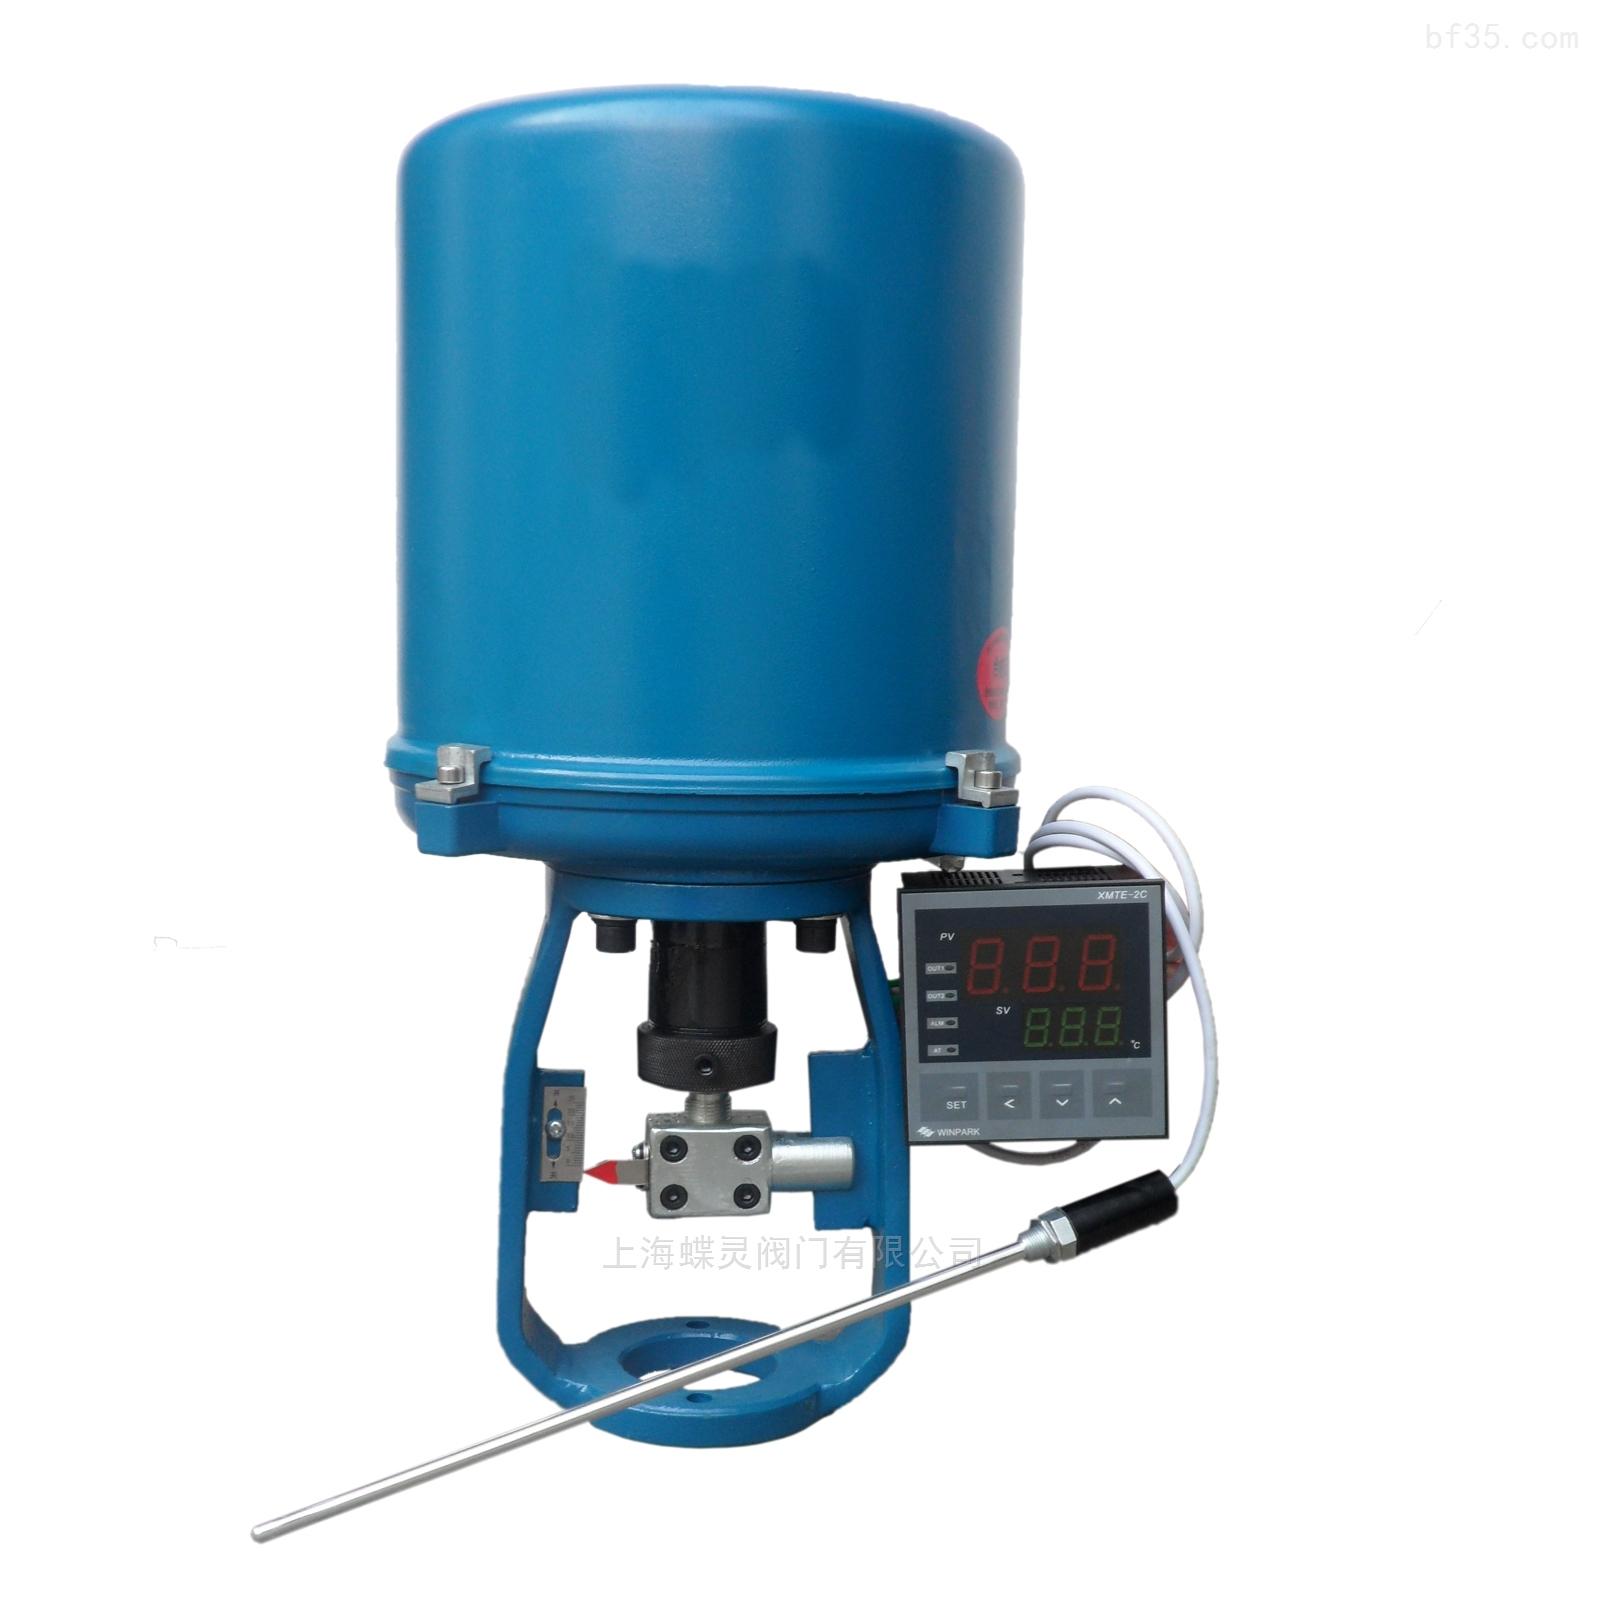 電子式直行程驅動裝置,電動執行器381L-08